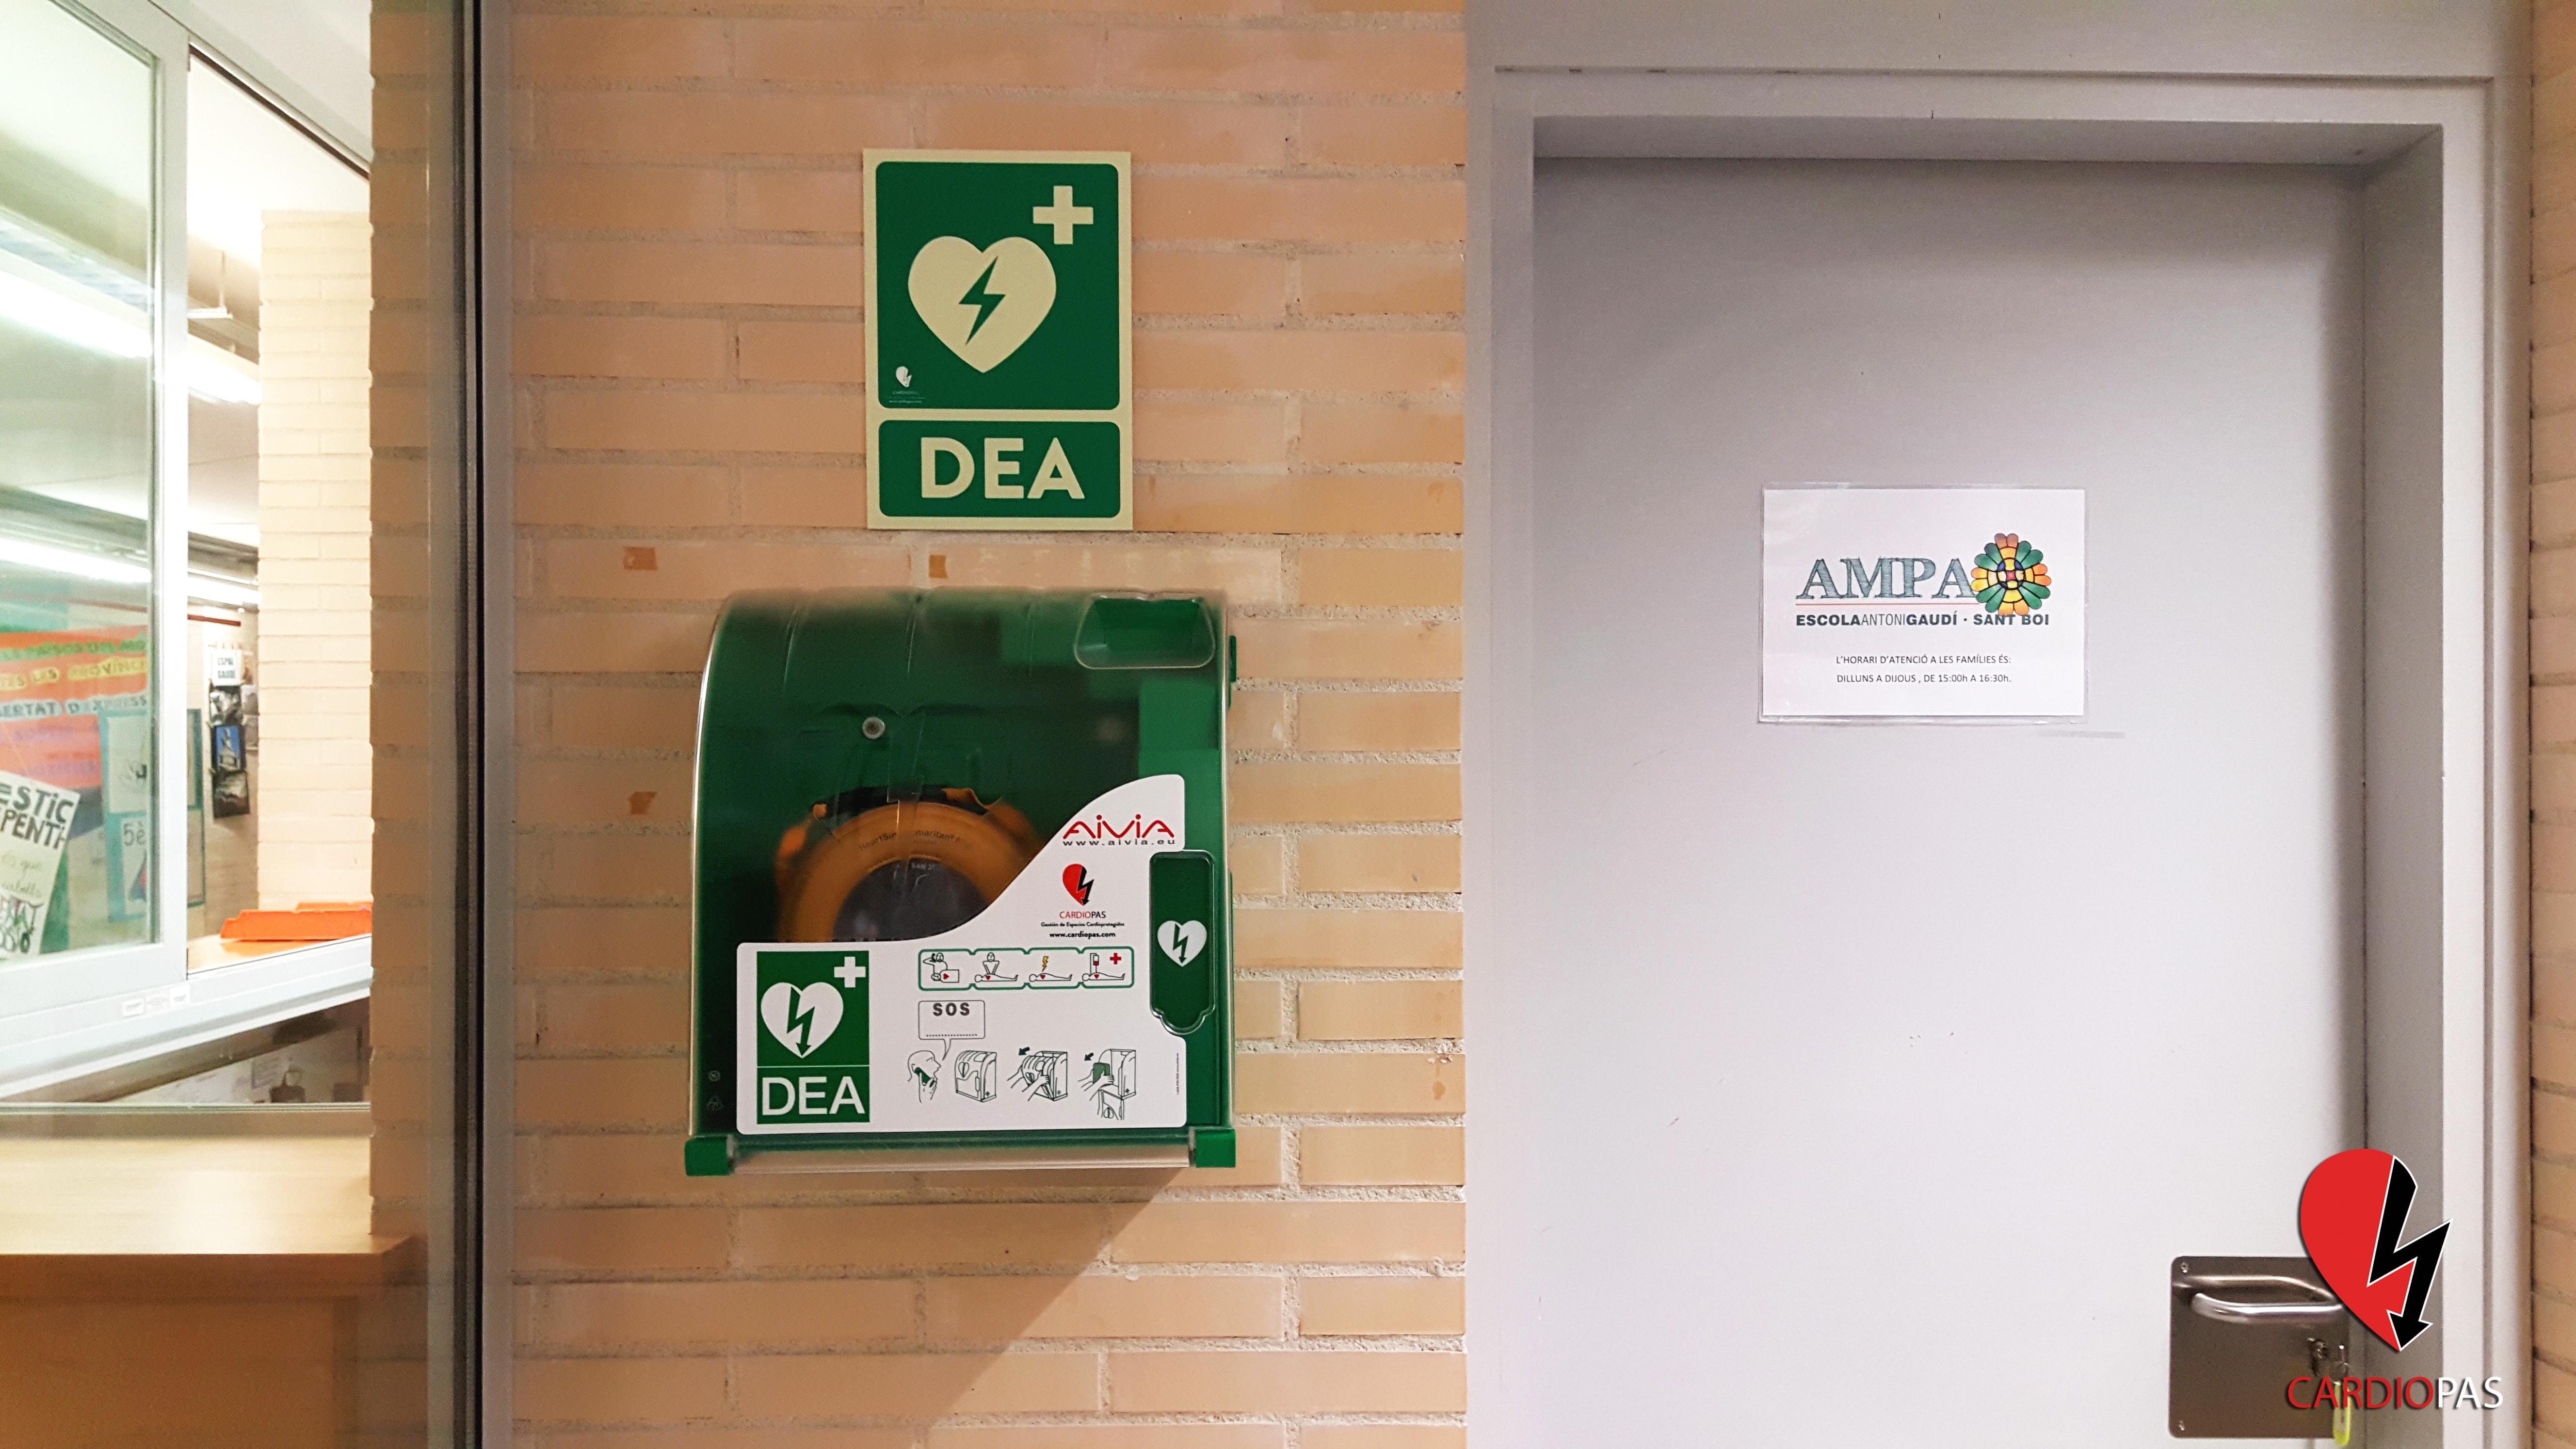 Des del passat 22 de gener, l'escola d'educació infantil i primària Antoni Gaudíés un nou Espai Cardioprotegit, esdevenint una de les primeres escoles públiques deSant Boi de Llobregat en disposar… READ MORE